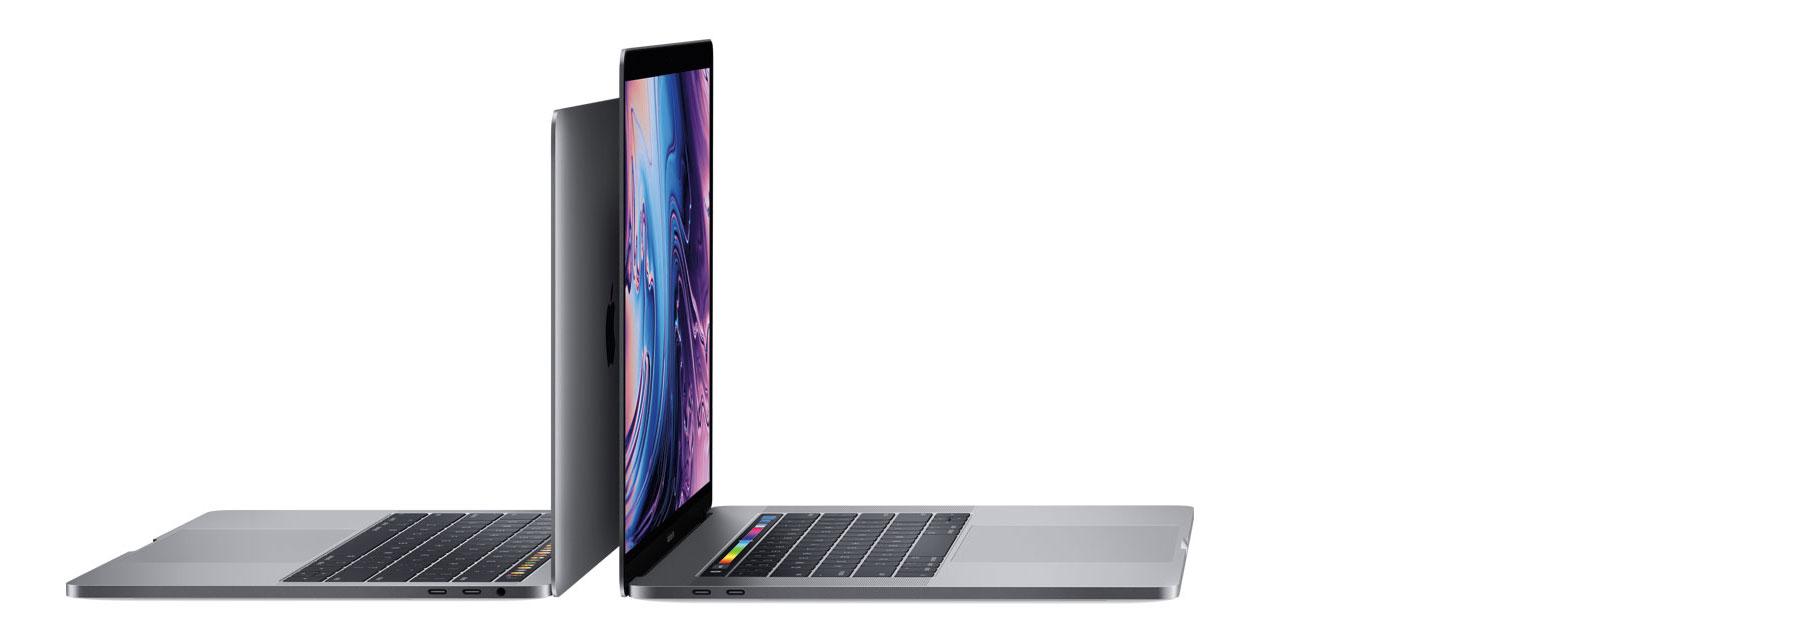 MacBook-Pro-07-08.jpg (1800×643)